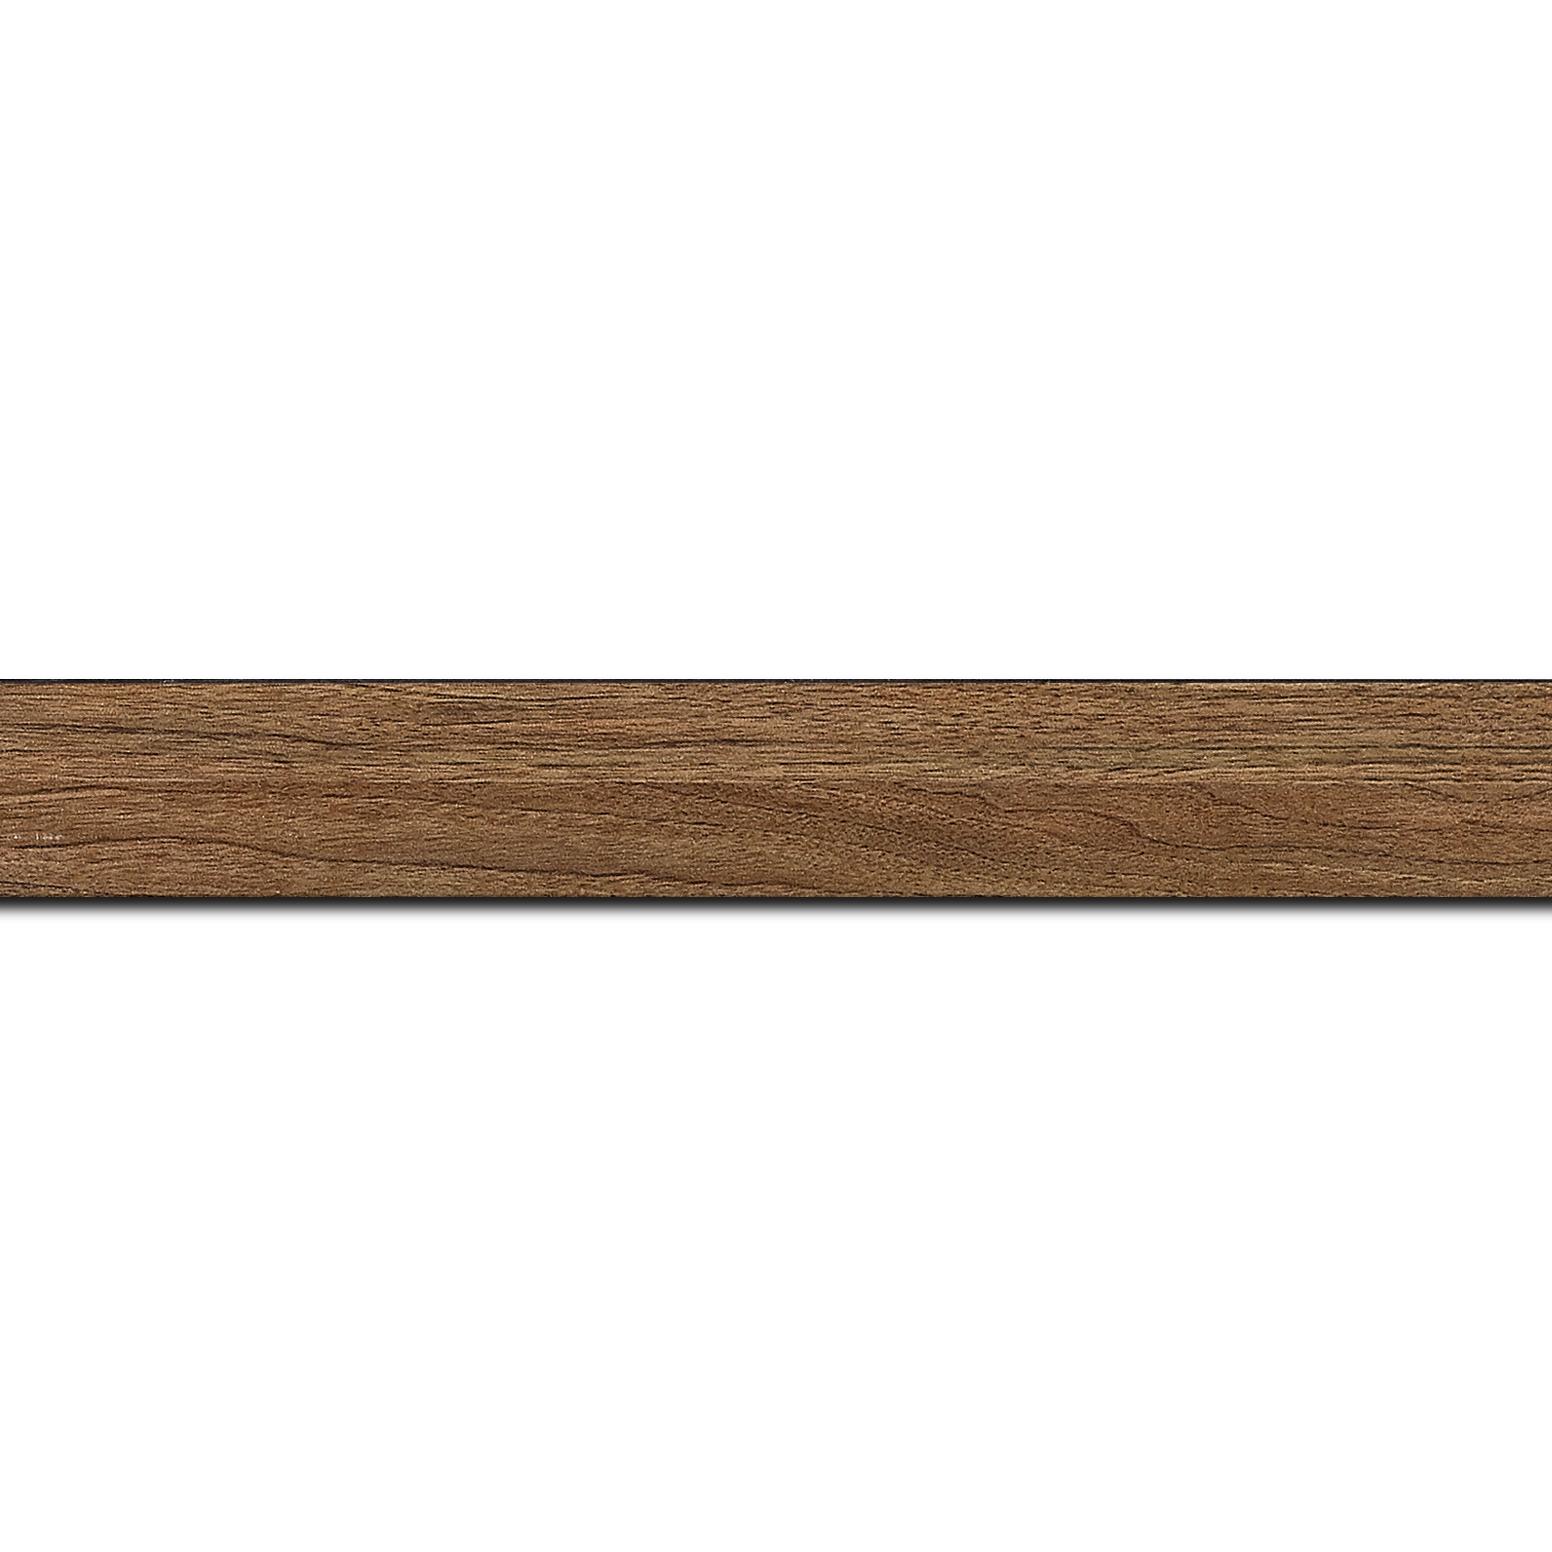 Pack par 12m, bois profil plat largeur 2cm décor bois chêne doré(longueur baguette pouvant varier entre 2.40m et 3m selon arrivage des bois)